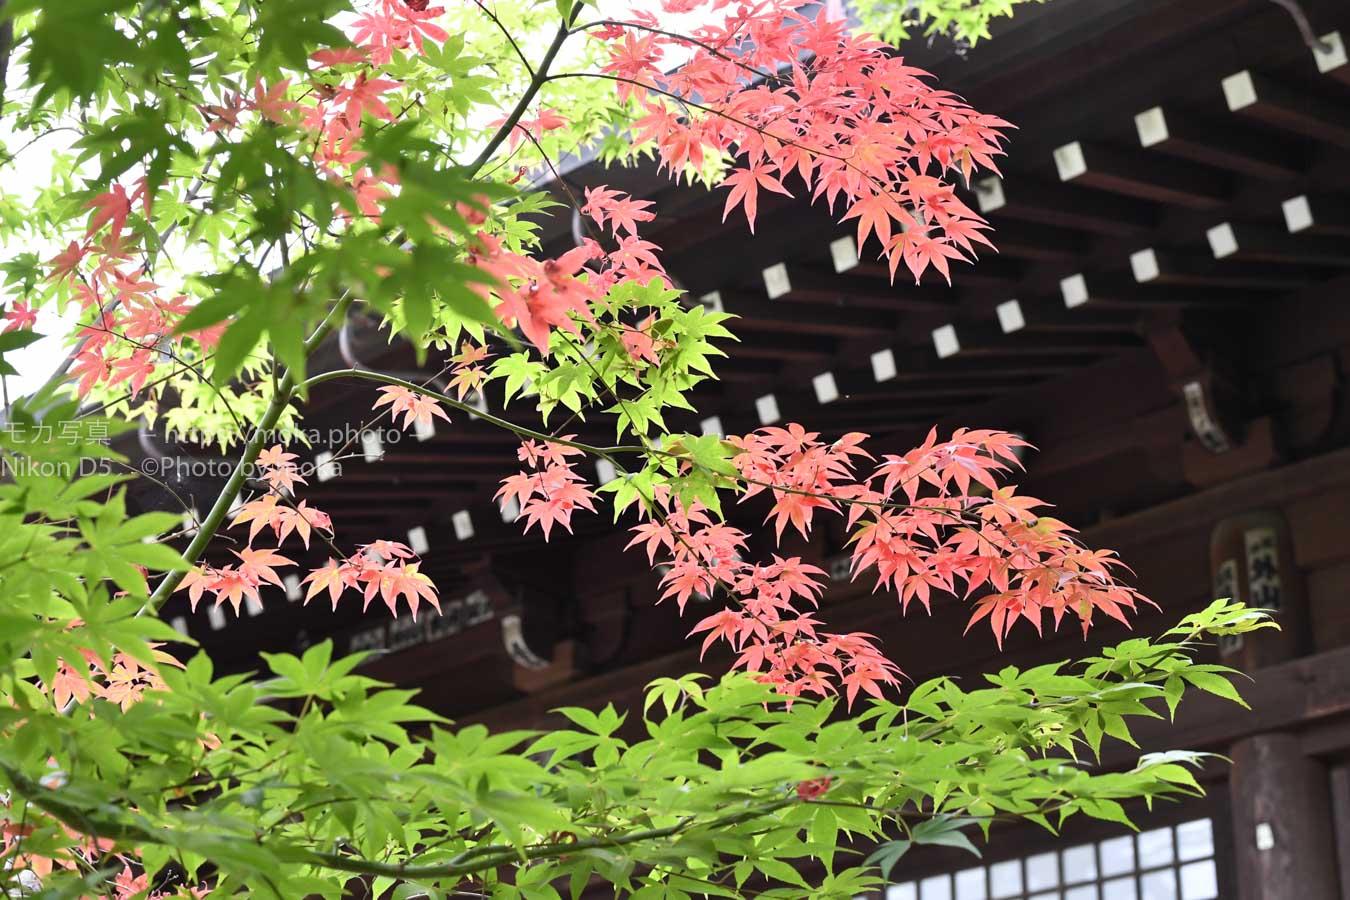 【スナップ撮影】初夏だけど紅葉。新緑とのコントラストを楽しむ